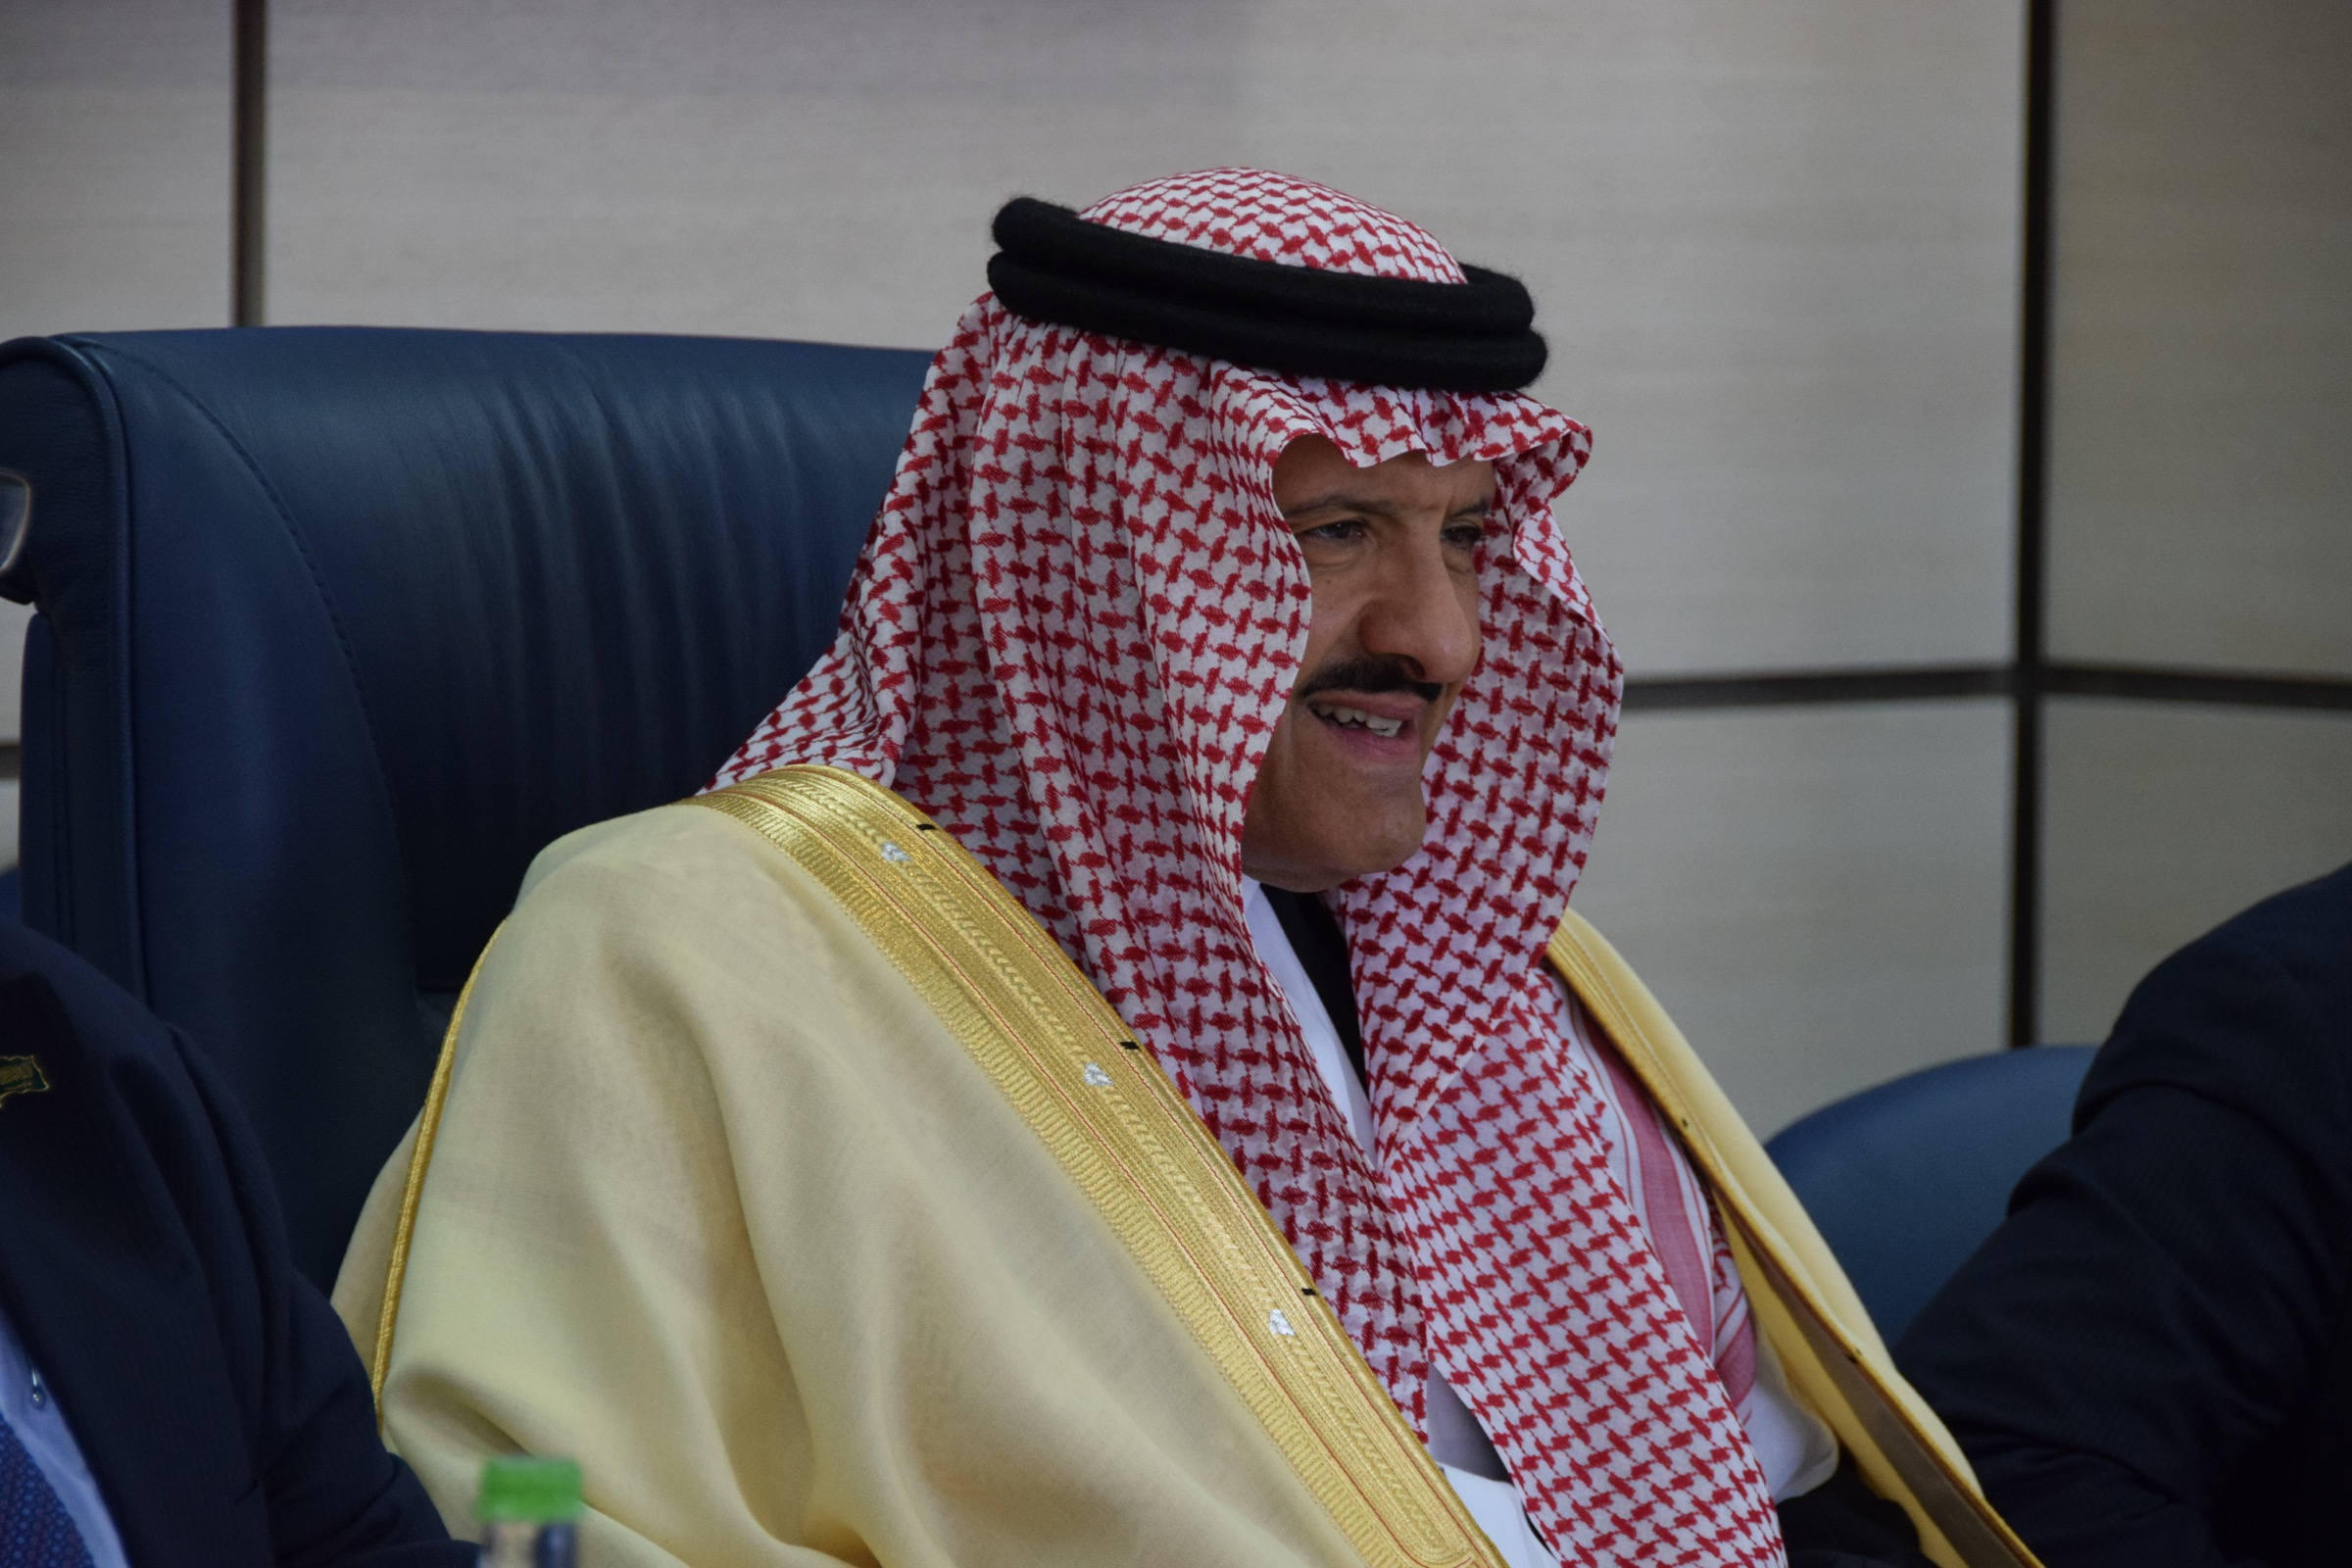 Председатель космического агентства: Королевство обладает передовой научной базой в области научных исследований